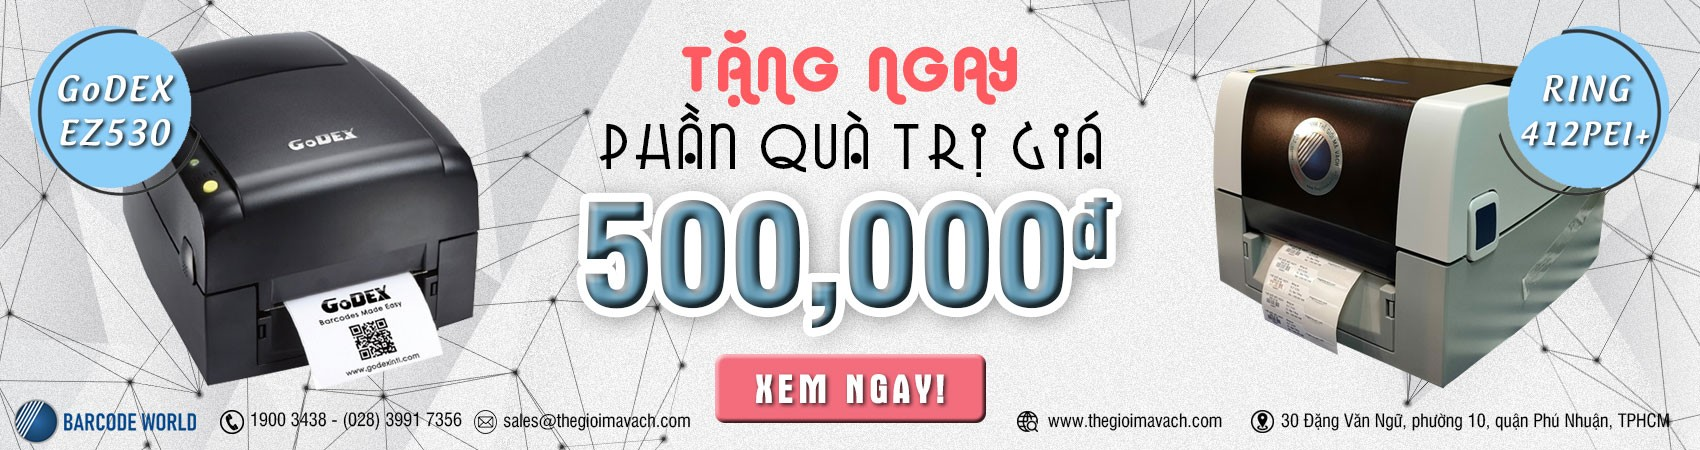 IN TEM NHÃN HIỆU QUẢ CÙNG MÁY IN MÃ VẠCH CHẤT LƯỢNG - QUÀ TẶNG ĐẾN 500.000 Đ